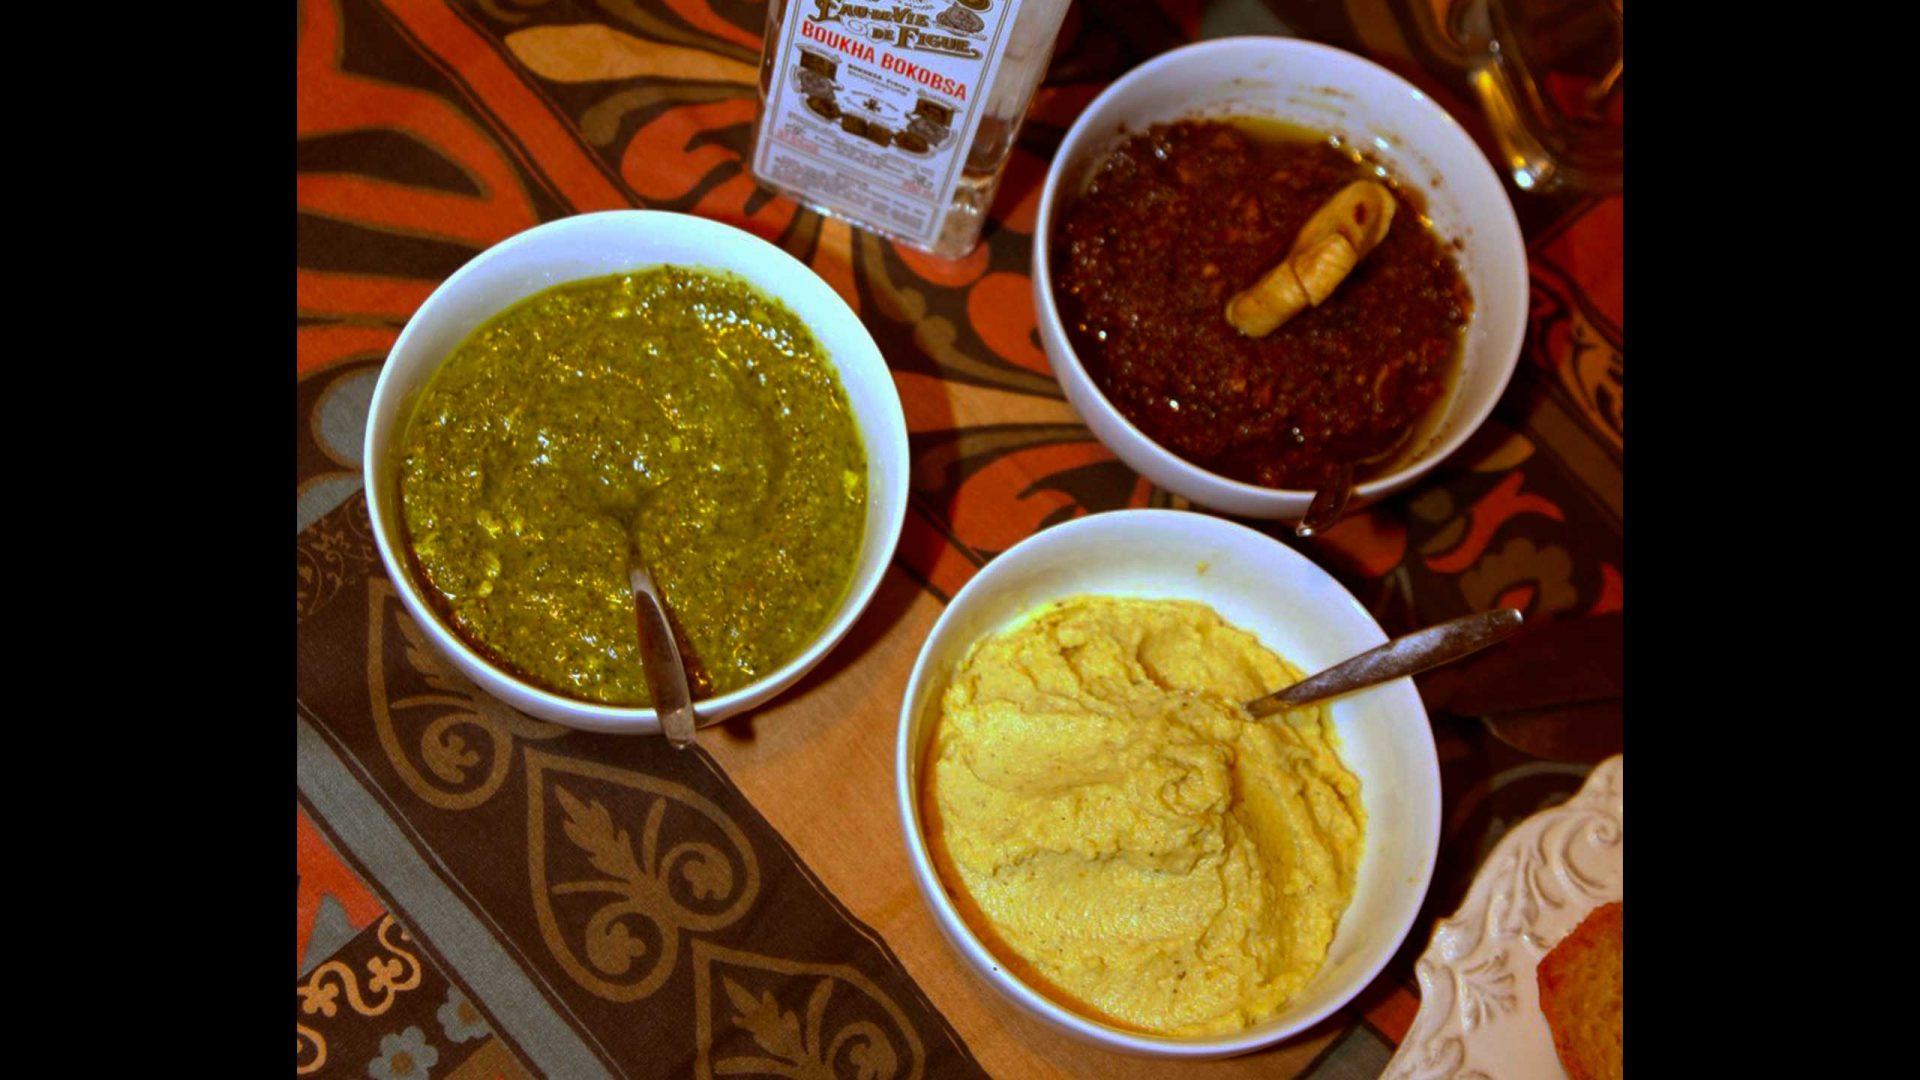 טאפנד בבוחה ודבלים, פסטו צאן, ארטישוק בלימון כבוש ושמן זית